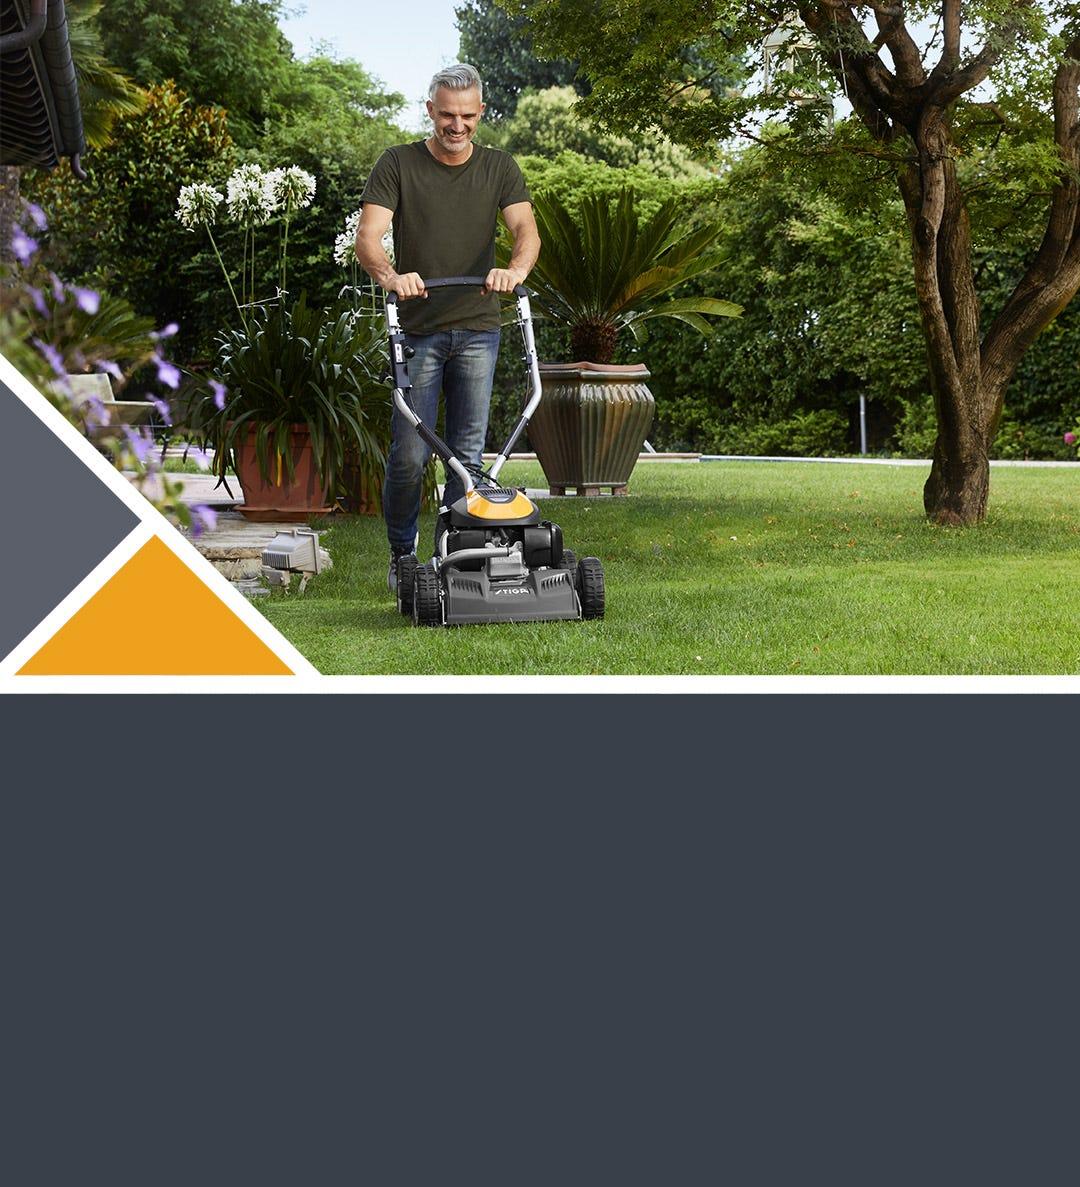 Homme tondant la pelouse avec une tondeuse à gazon STIGA Multiclip Pro